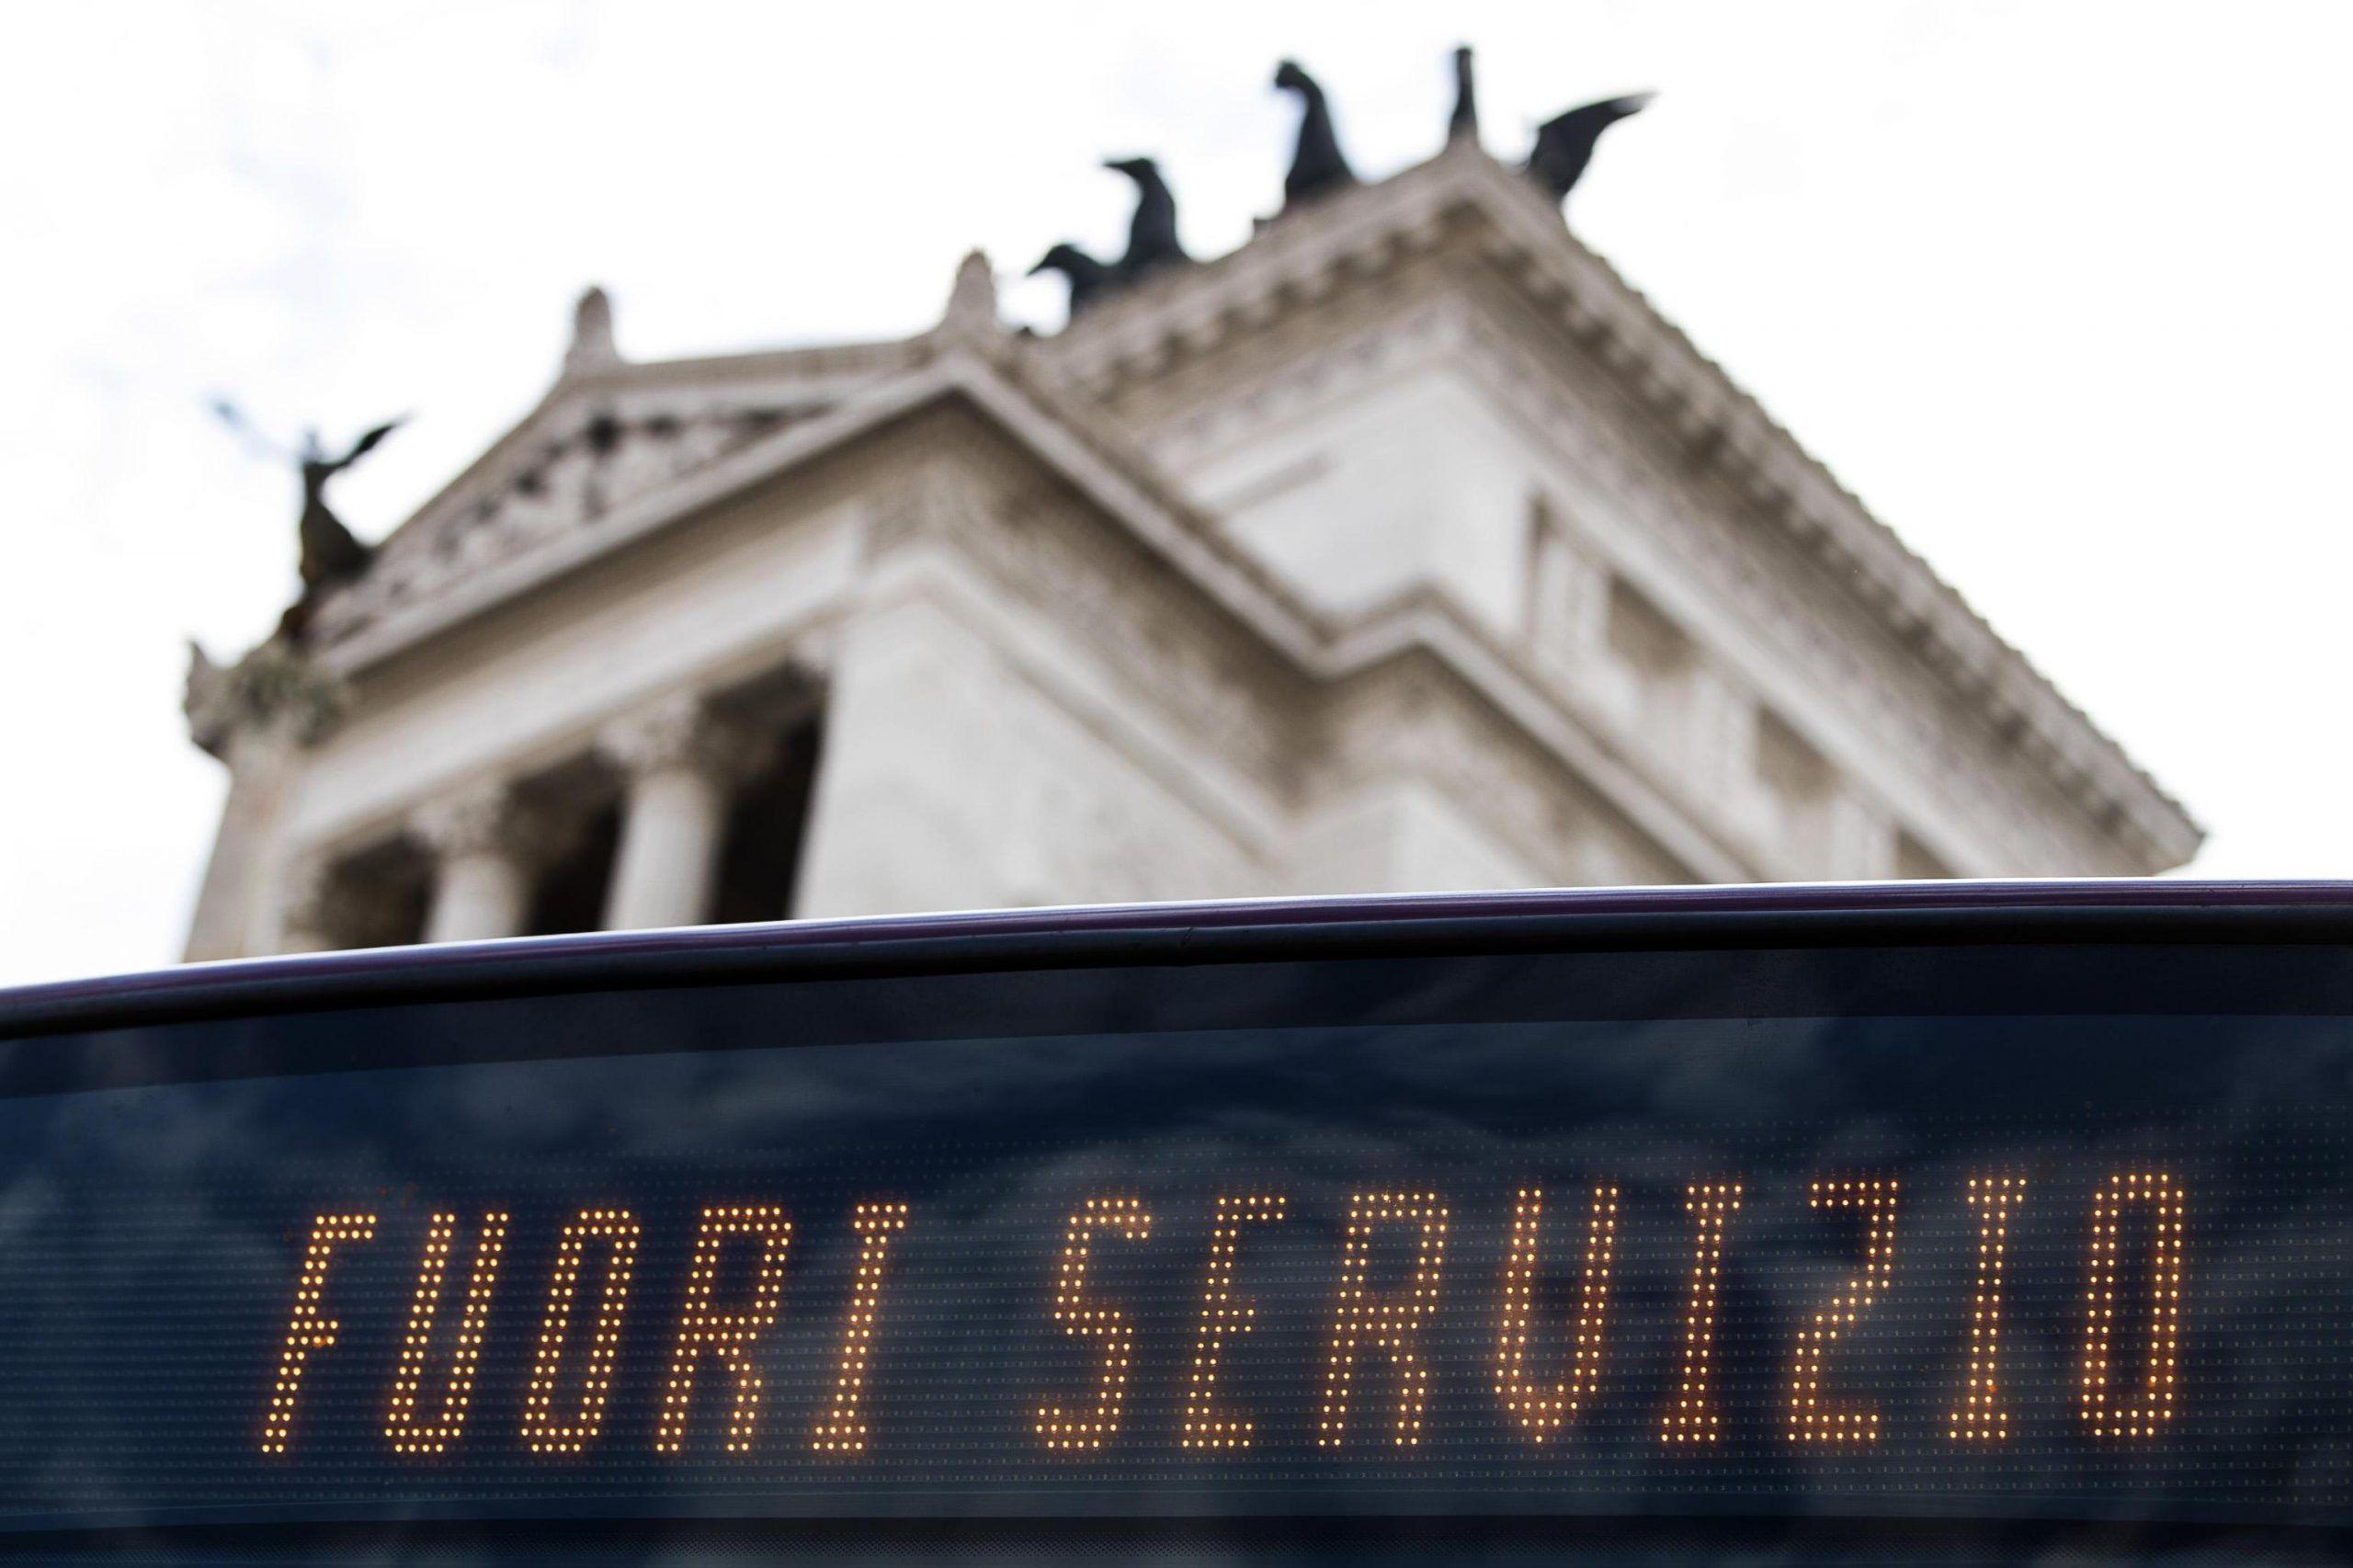 Sciopero Roma 22 marzo: ATAC e TPL fermano i mezzi pubblici, gli orari e come sopravvivere allo stop